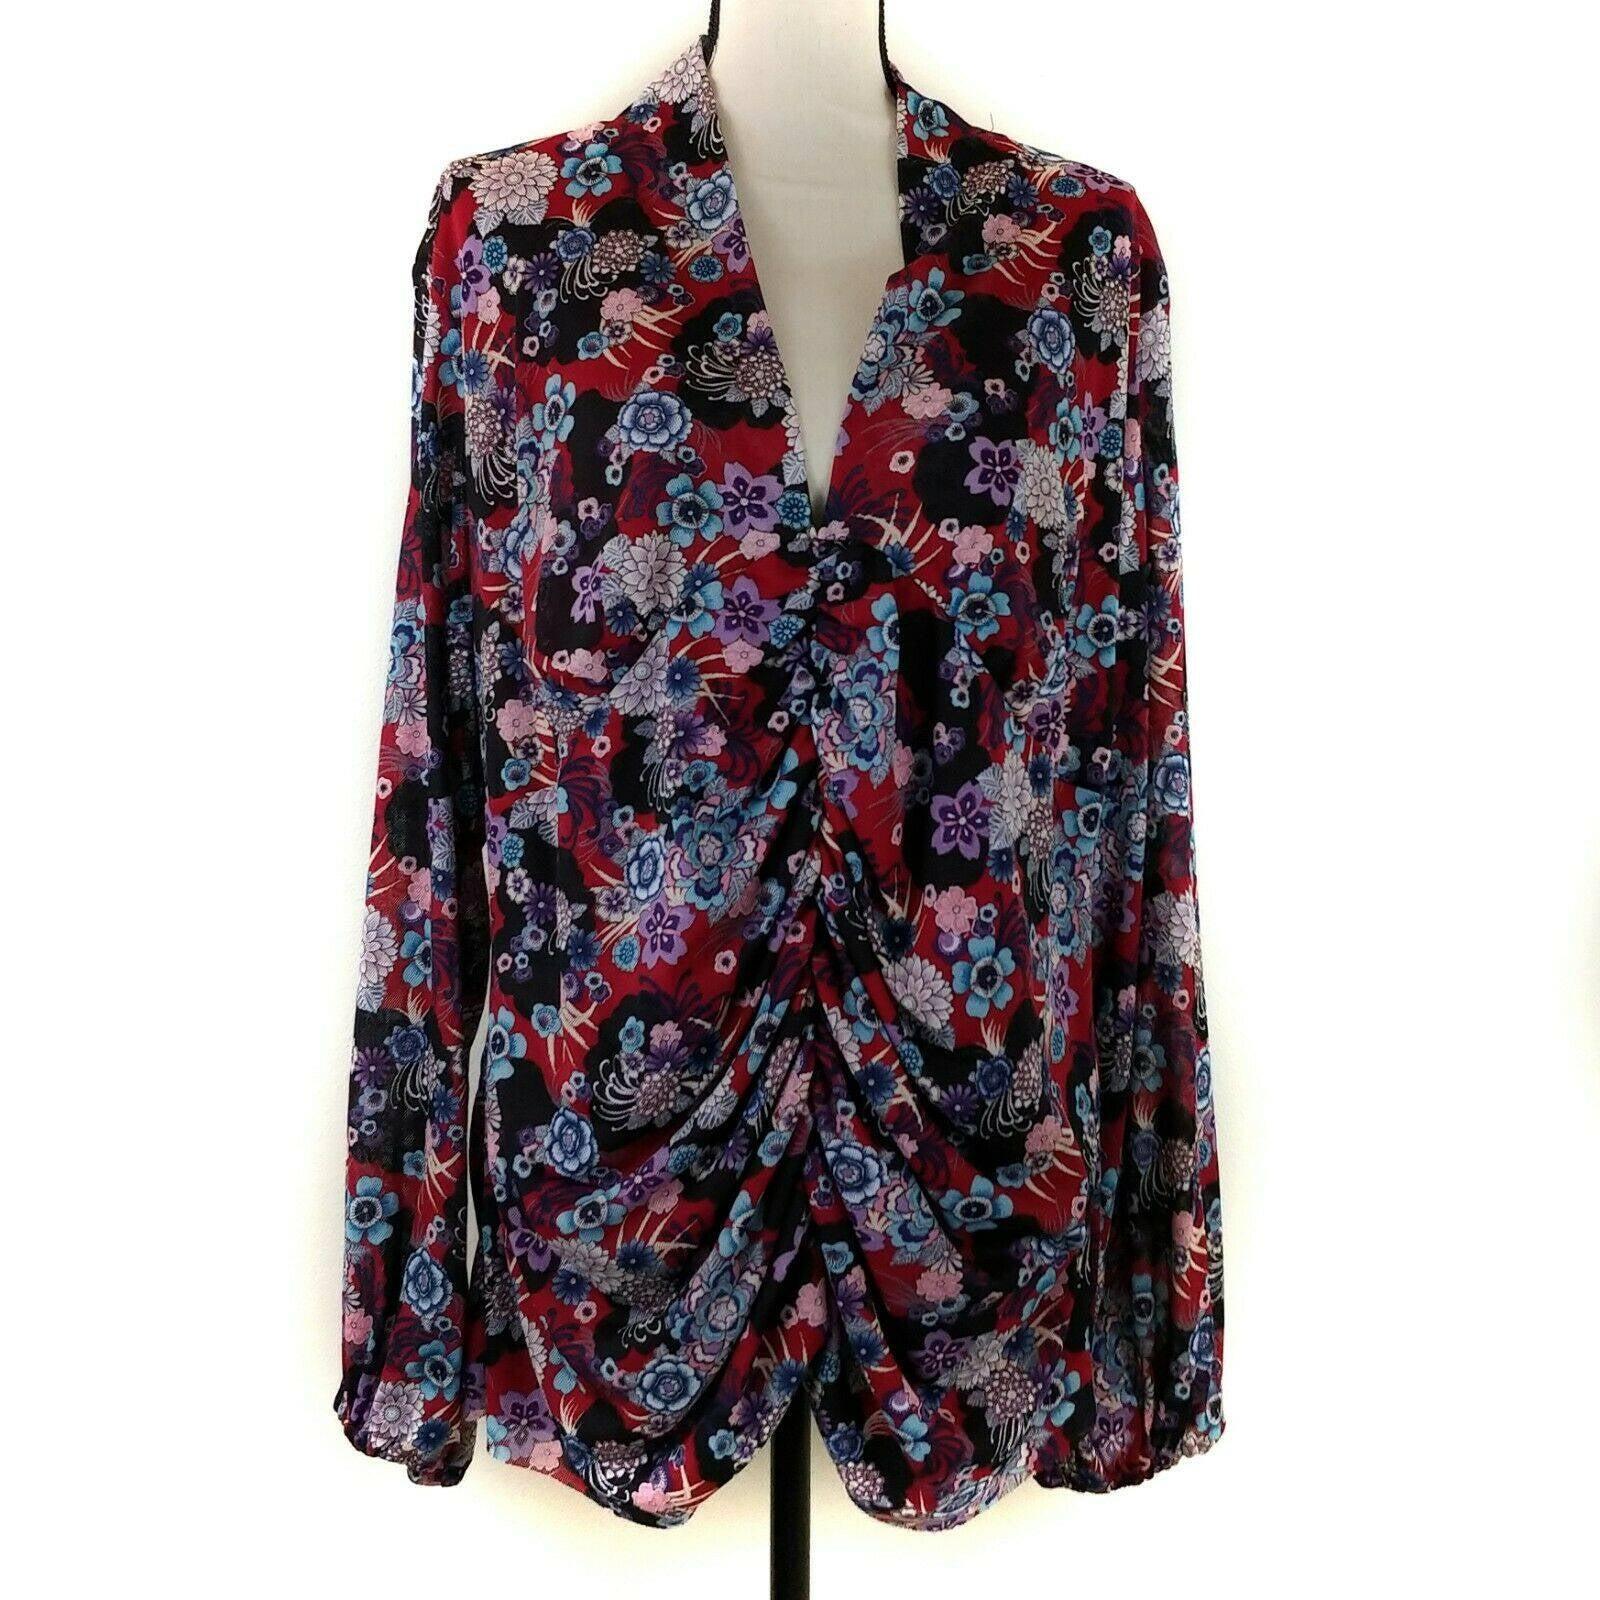 Bisou Bisou Blouse 3X Red Black Floral